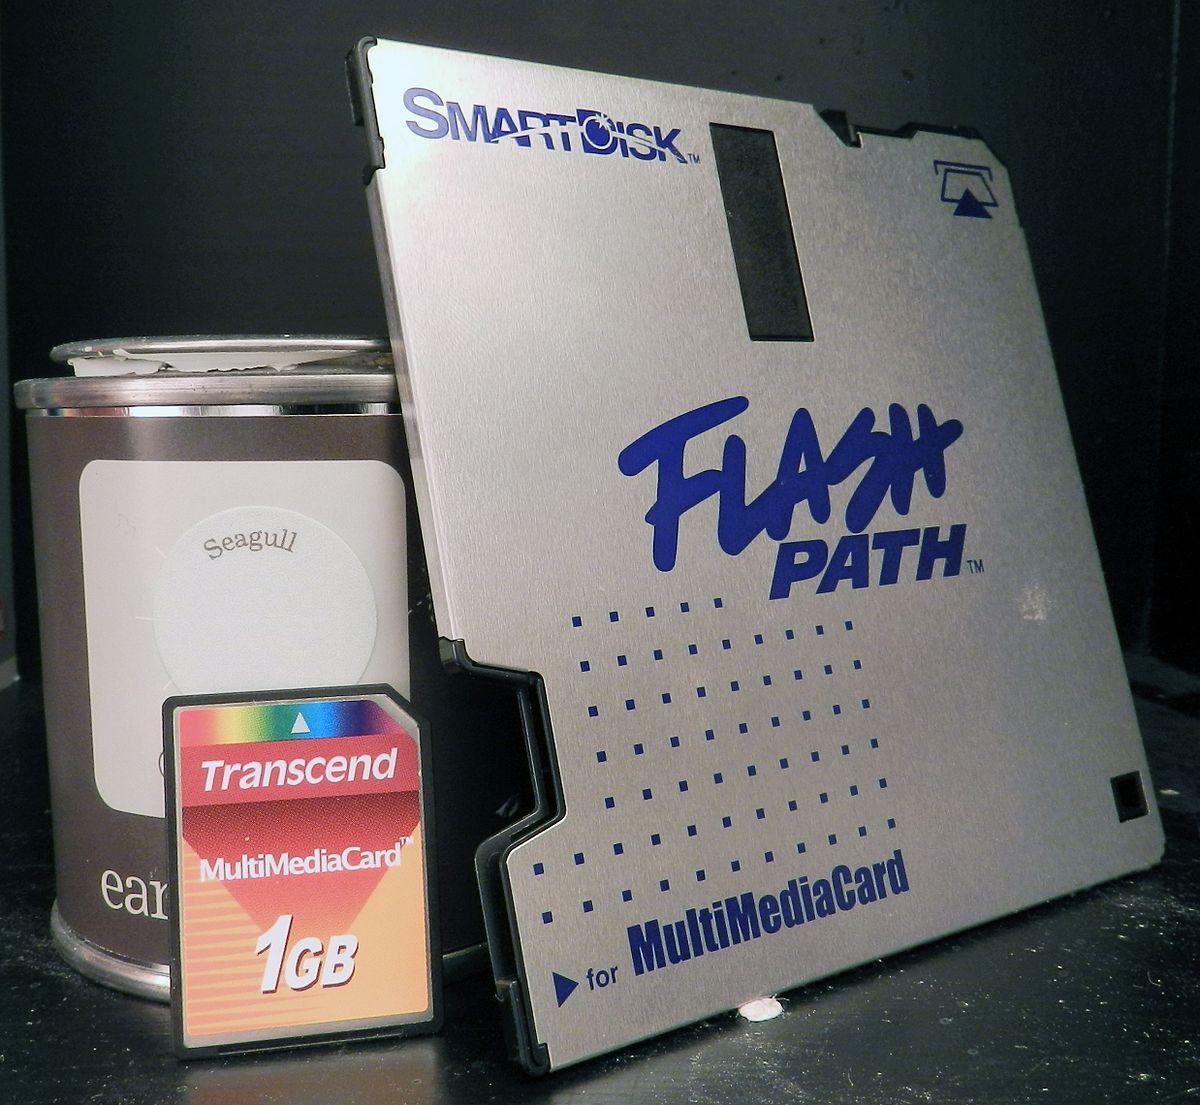 FlashPath